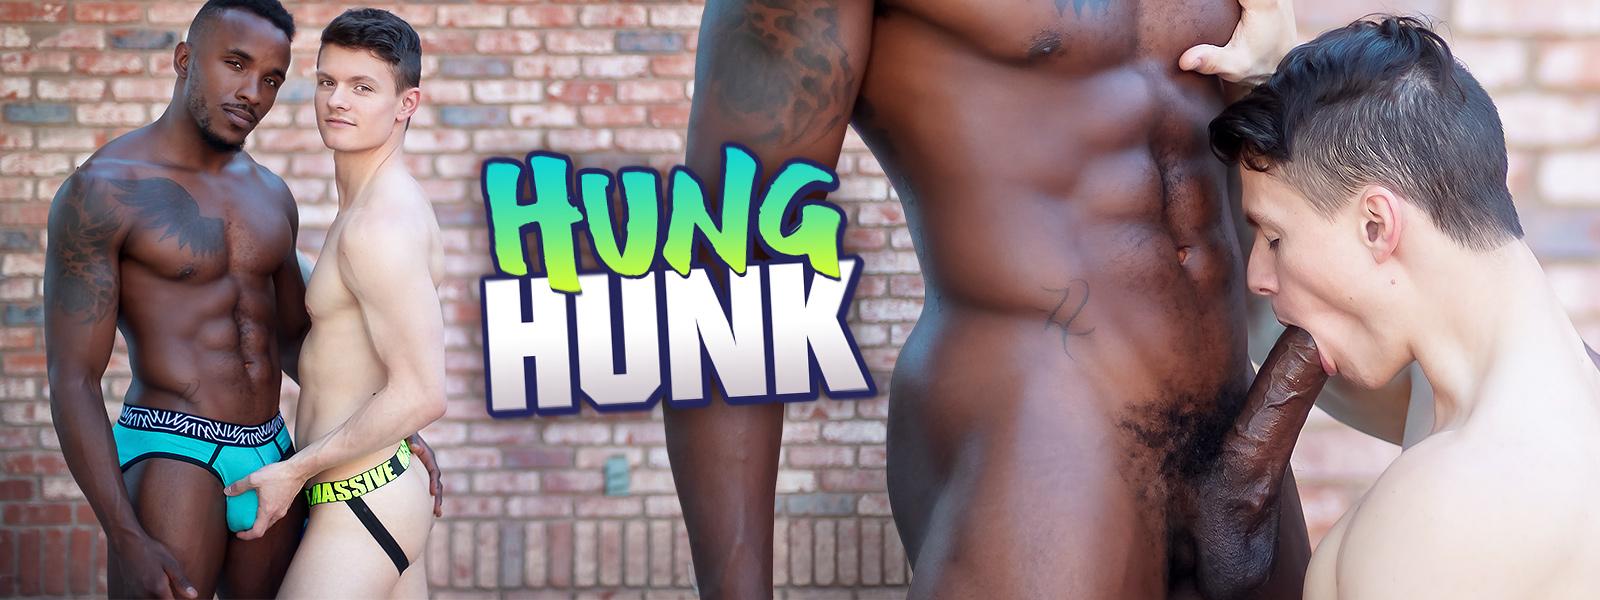 Hung Hunk